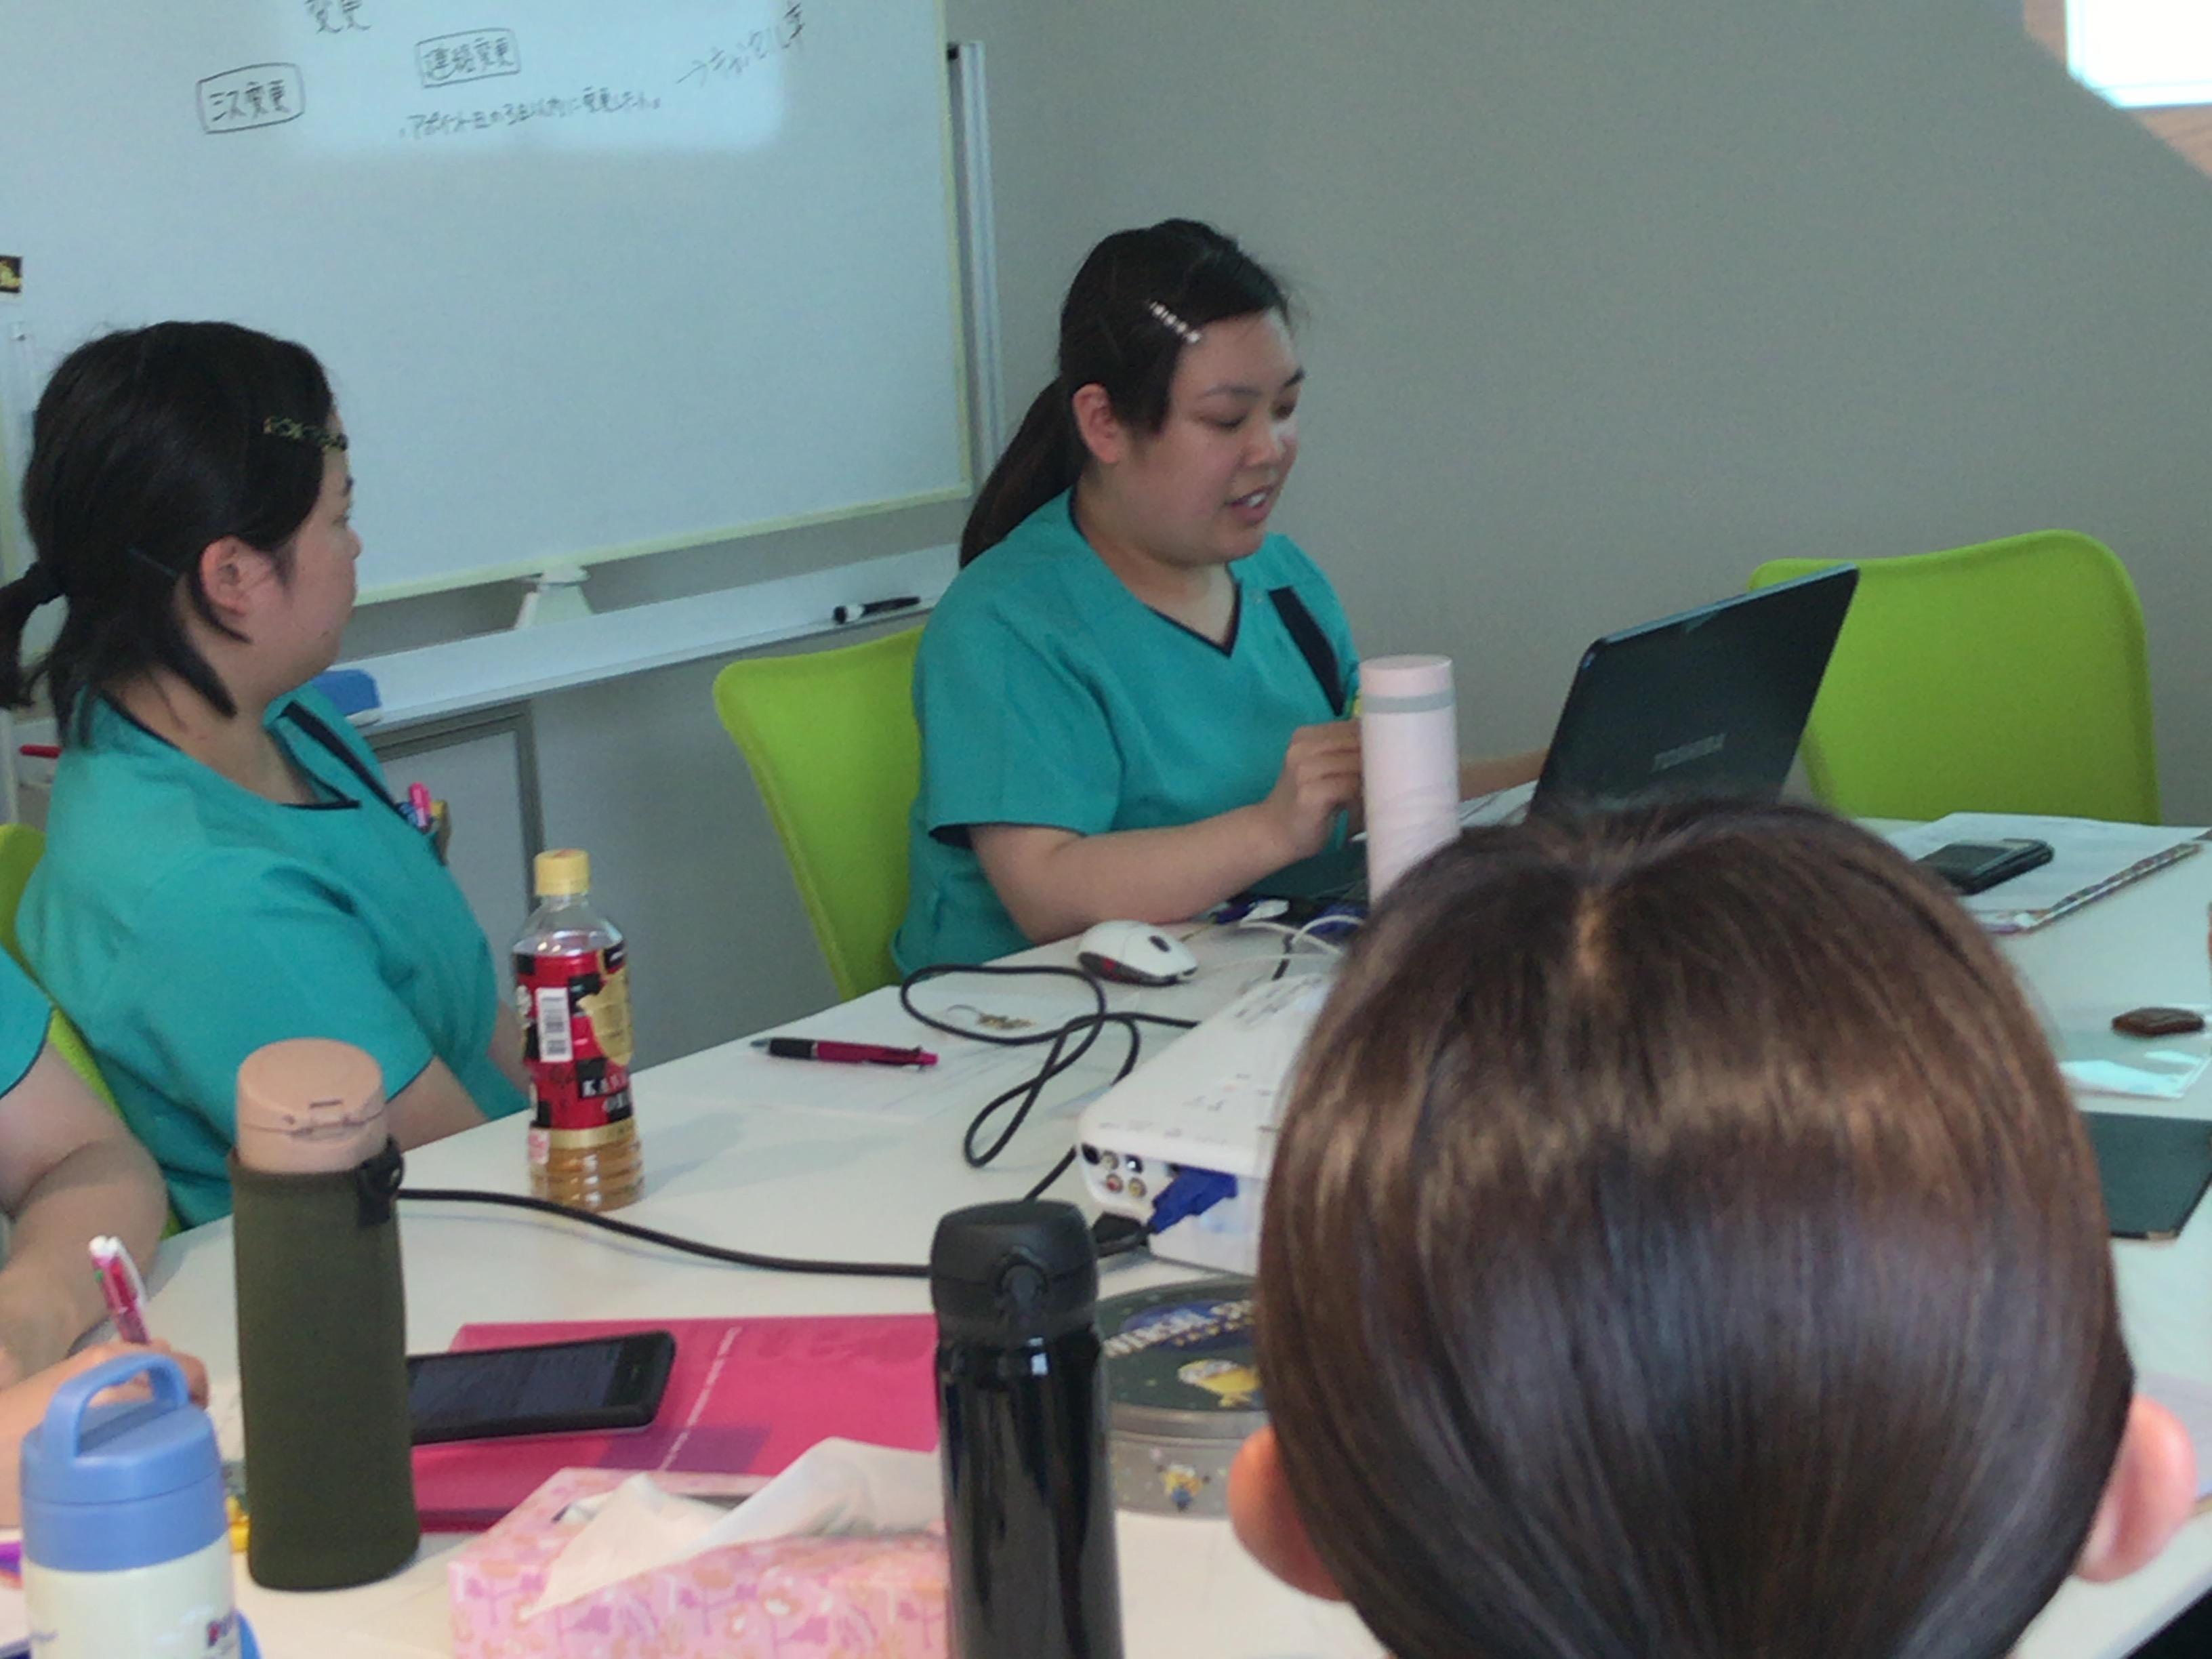 アキヨシスタッフ勉強会のイメージ